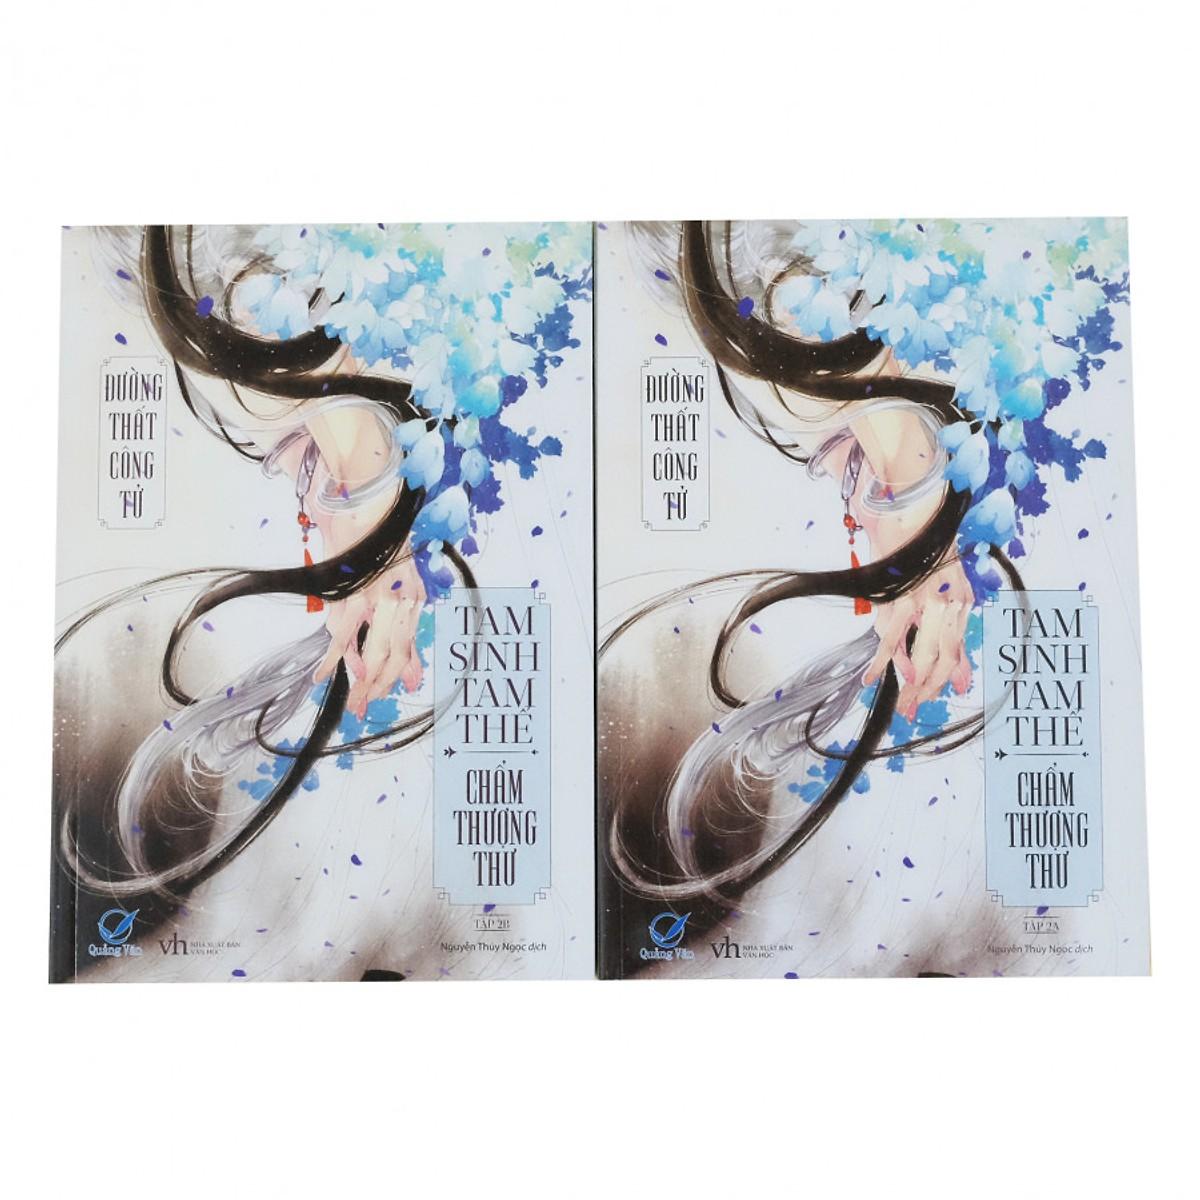 Combo Sách Ngôn Tình Hay : Tam Sinh Tam Thế Thập Lý Đào Hoa + Tam Sinh Tam Thế Chẩm Thượng Thư +Tam Sinh Tam Thế Chẩm Thượng Thư (Tập 2A + 2B) - Bìa Mềm (Tái bản 2018)